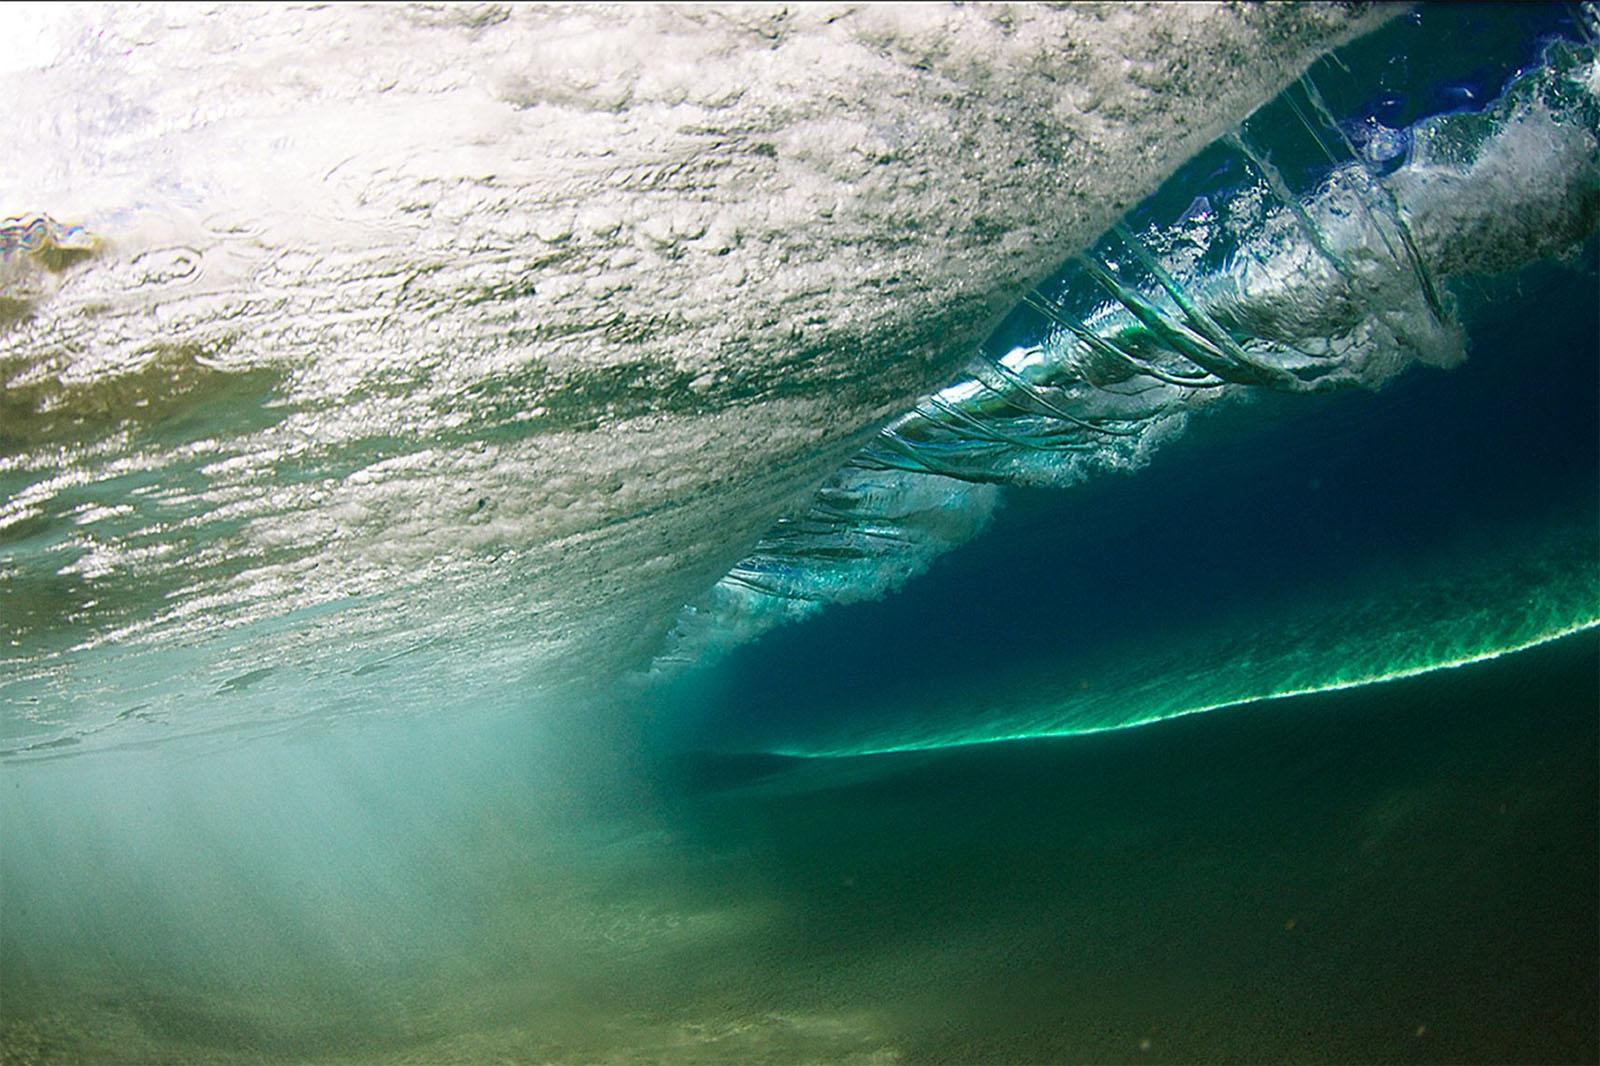 Investigadores da U.Porto desvendam fenómeno associado à longevidade das ondas